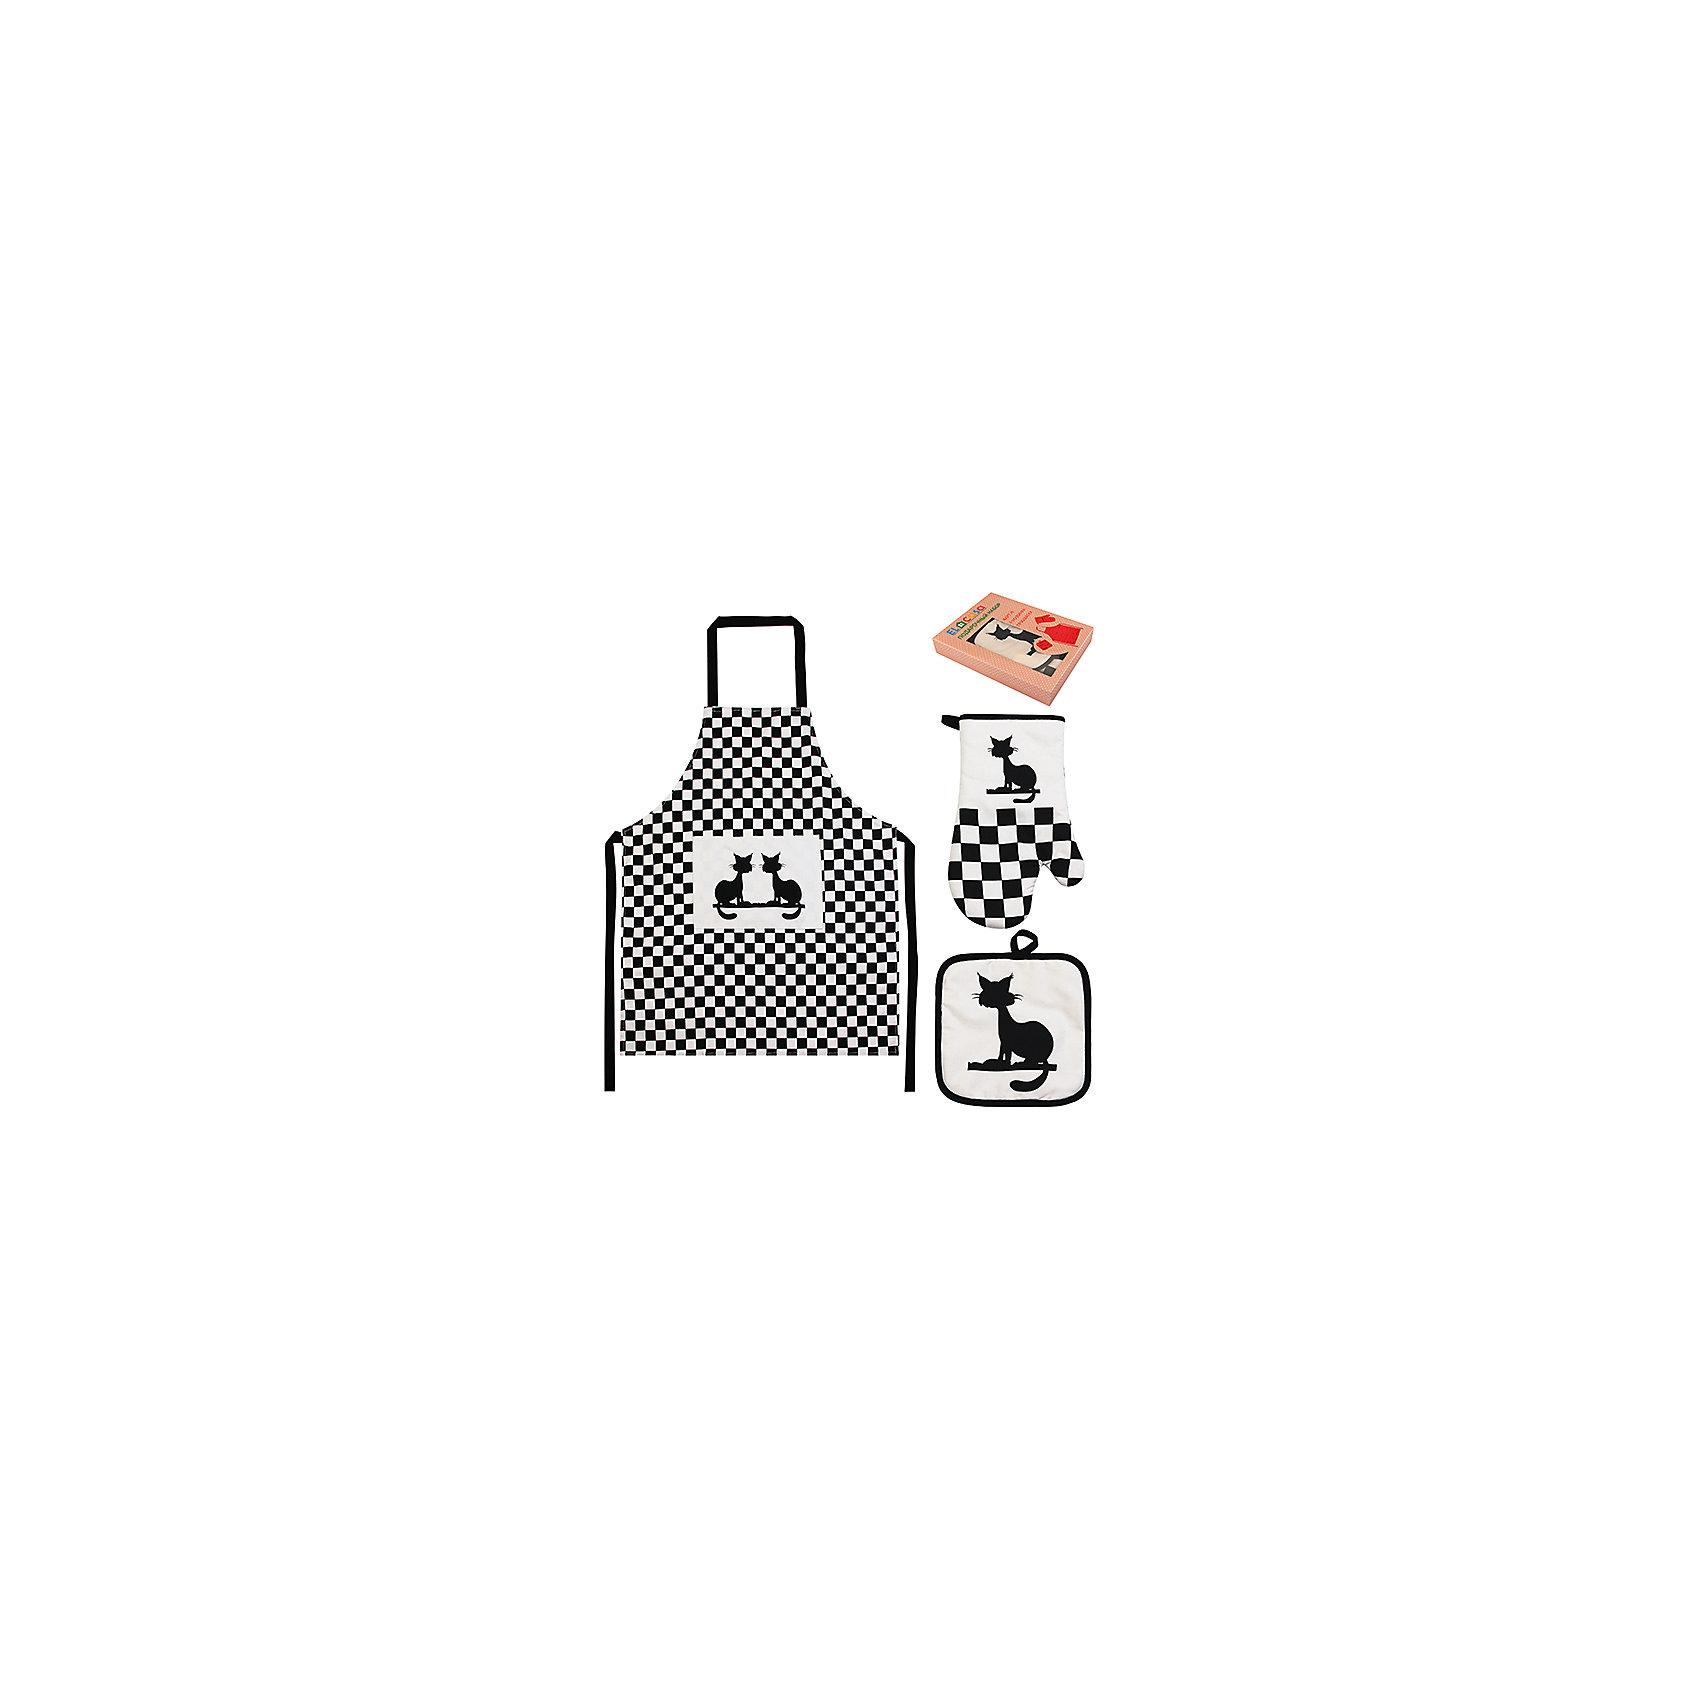 Набор: фартук, прихватка, рукавичка Коты, EL CasaПосуда<br>Характеристики товара:<br><br>• цвет: мульти<br>• материал: хлопок, полиэстер<br>• размер: фартук 64 х 80 см, прихватка 20 х 20 см, рукавичка 19 х 30 см<br>• вес: 400 г<br>• декорирован принтом<br>• комплектация: 3 предмета<br>• удобный<br>• упаковка: подарочная коробка<br>• легкий<br>• универсальный размер<br>• страна бренда: Российская Федерация<br>• страна производства: Китай<br><br>Подарочный набор для кухни - отличный пример красивой и функциональной вещи. В нем удобно готовить, благодаря универсальному дизайну и расцветке он подойдет и женщинам, и мужчинам.<br><br>Этот набор может стать отличным приобретением для дома или подарком для любителей красивых оригинальных вещей.<br><br>Бренд EL Casa - это красивые и практичные товары для дома с современным дизайном. Они добавляют в жильё уюта и комфорта! <br><br>Набор: фартук, прихватка, рукавичка Коты, EL Casa можно купить в нашем интернет-магазине.<br><br>Ширина мм: 230<br>Глубина мм: 45<br>Высота мм: 300<br>Вес г: 415<br>Возраст от месяцев: 0<br>Возраст до месяцев: 1188<br>Пол: Унисекс<br>Возраст: Детский<br>SKU: 6668806